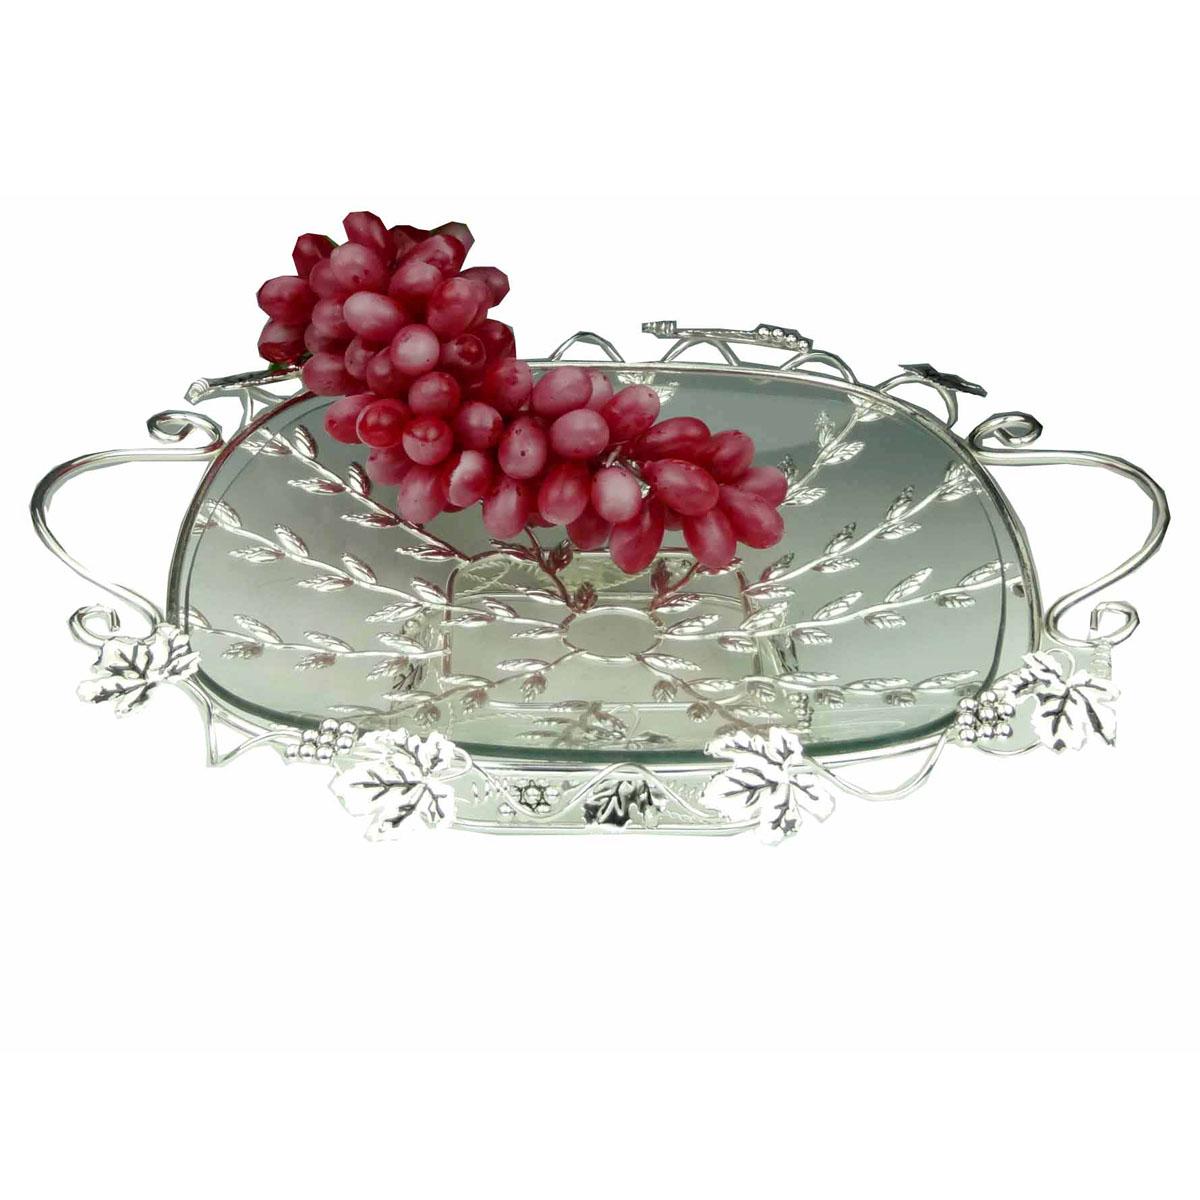 Ваза универсальная Marquis, 35 х 35 см7014-MRУниверсальная ваза Marquis выполнена из стали с серебряно-никелевым покрытием и снабжена съемным поддоном из прочного стекла. Стальная ножка обеспечивает устойчивость вазы. Ваза выполнена в виде плетеной стальной решетки, украшенной листьями и гроздьями винограда. По бокам имеются удобные ручки. Посуда может использоваться как фруктовница. Выполненная под старину, такая ваза придется по вкусу и ценителям классики, и тем, кто предпочитает утонченность и изысканность. Сервировка праздничного стола вазой Marquis станет великолепным украшением любого торжества. Характеристики: Материал: сталь, серебряно-никелевое покрытие, стекло. Диаметр вазы: 35 см х 35 см. Ширина вазы с учетом ручек: 43 см. Высота вазы: 9 см. Размер упаковки: 43 см x 38 см x 10 см. Артикул: 7014-MR.